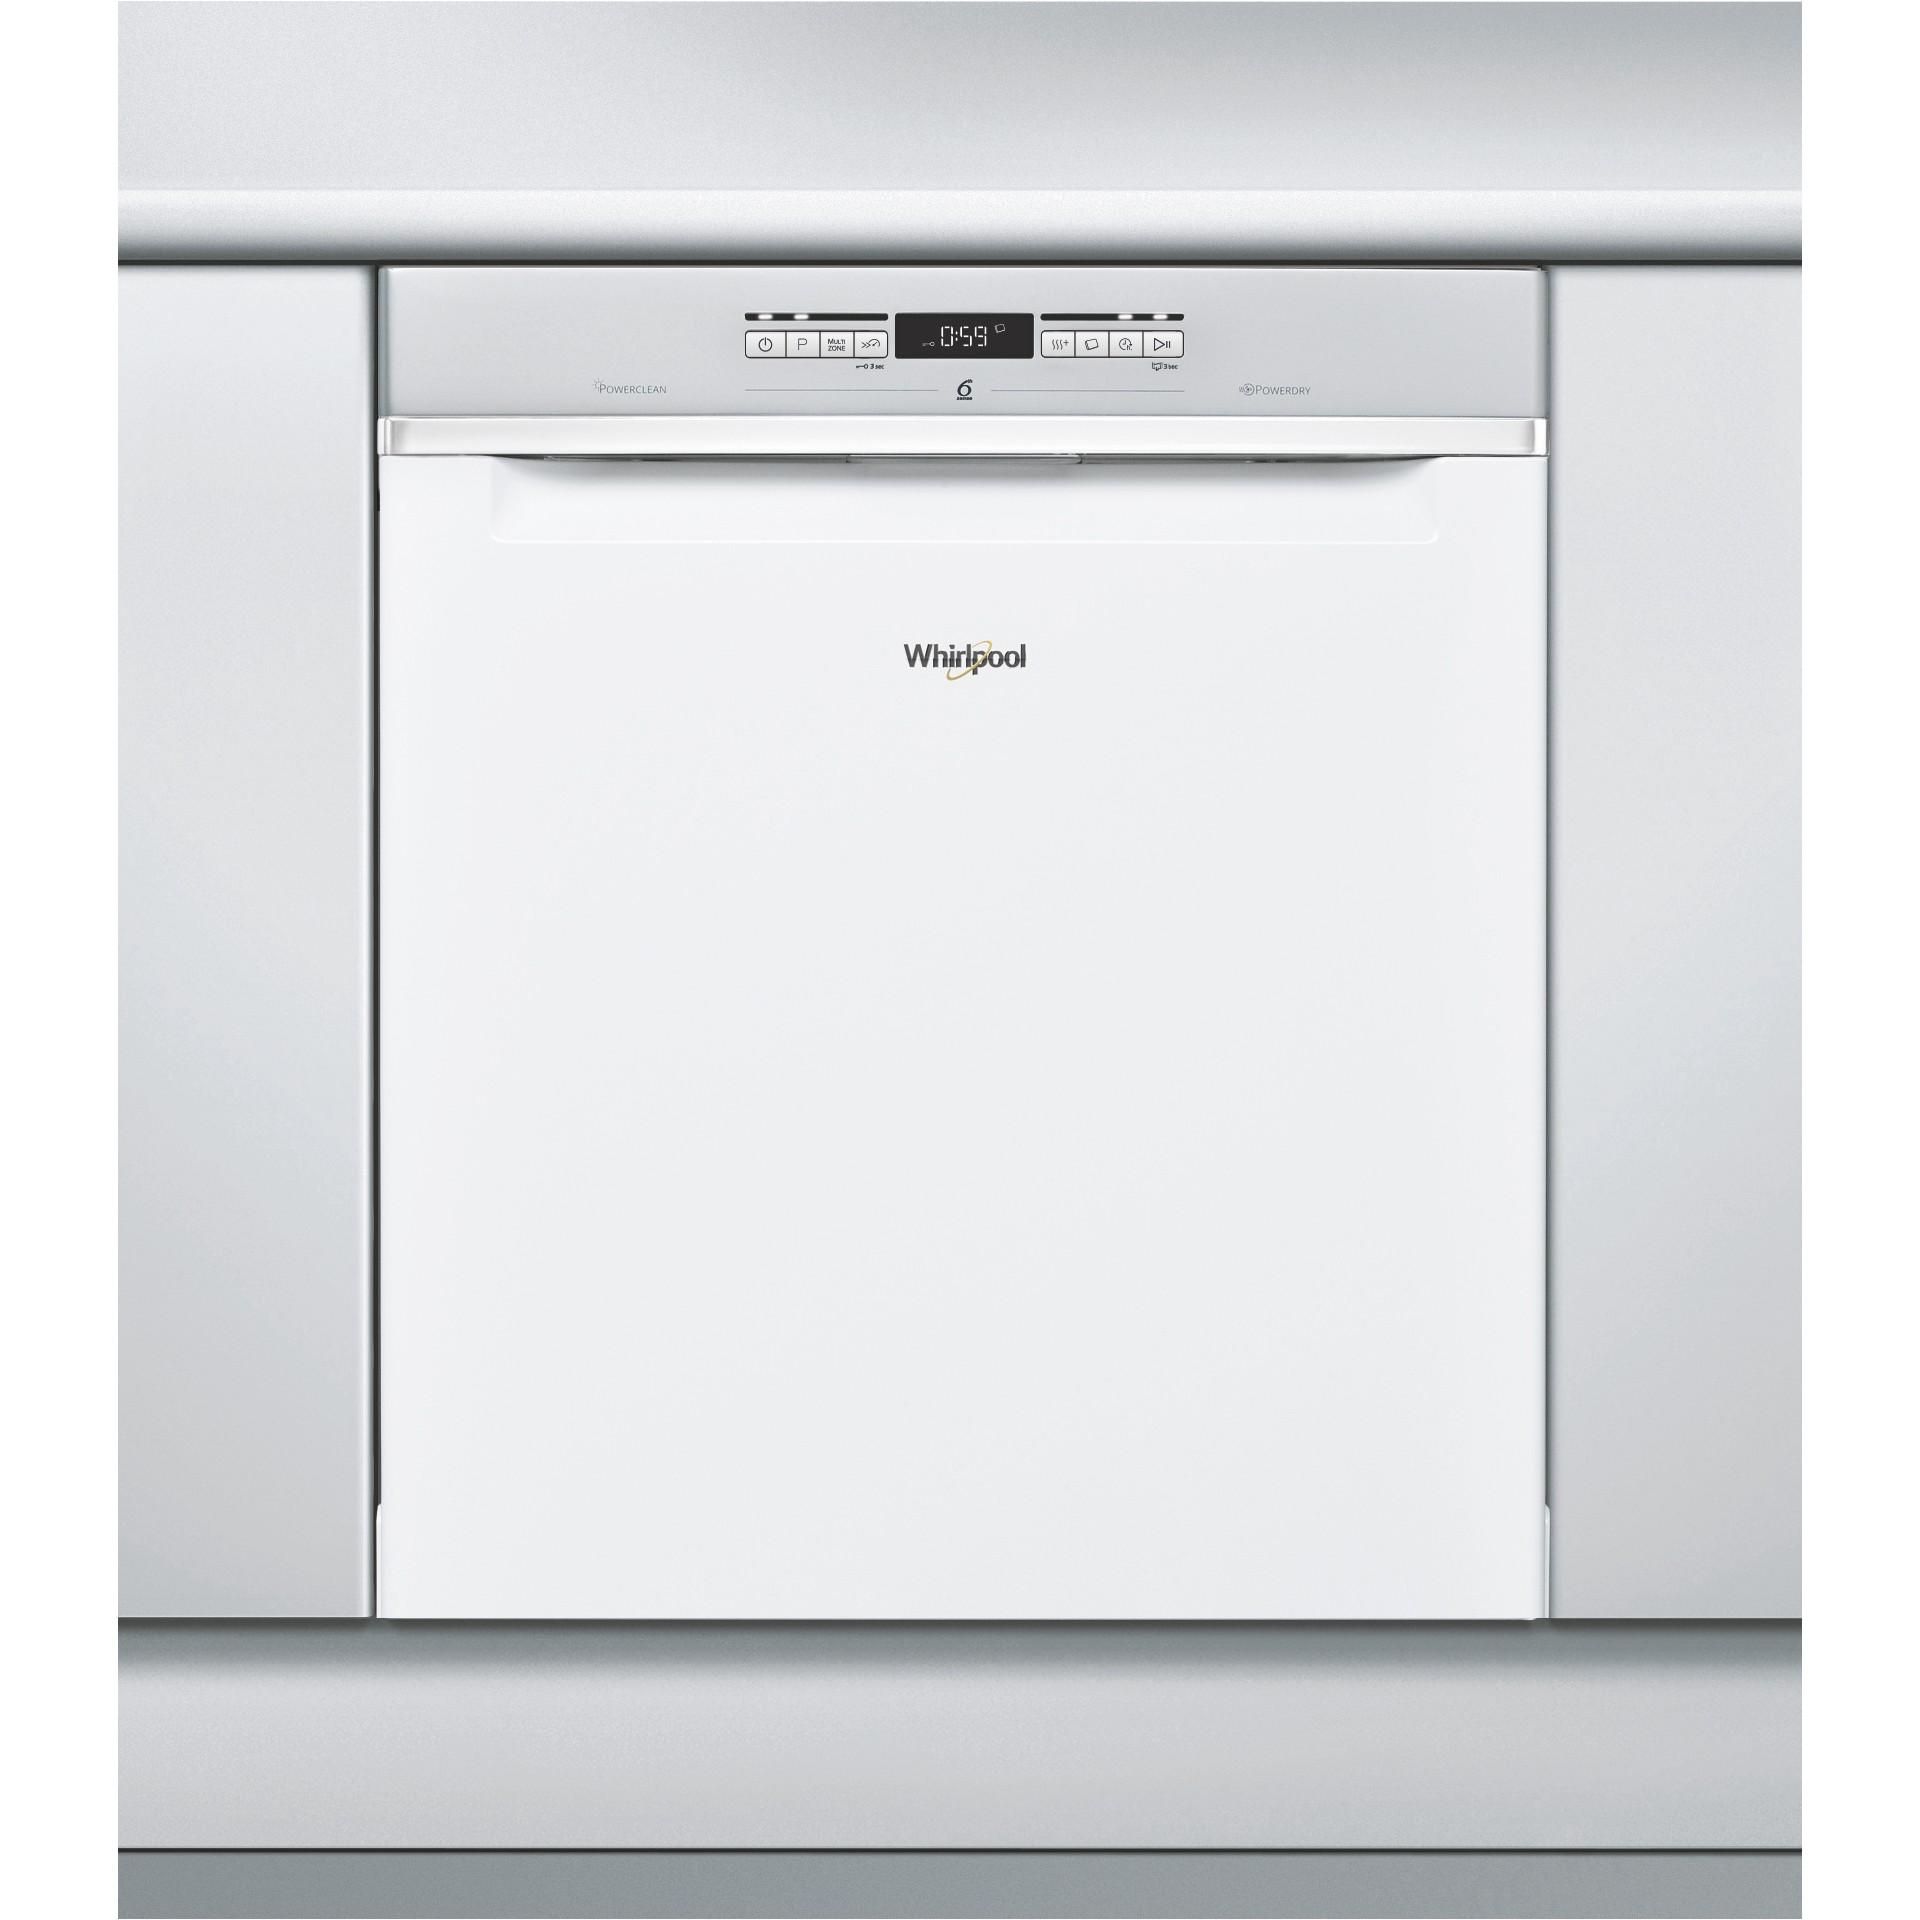 859991015910 : Whirlpool oppvaskmaskin WUO3T222L (hvit)